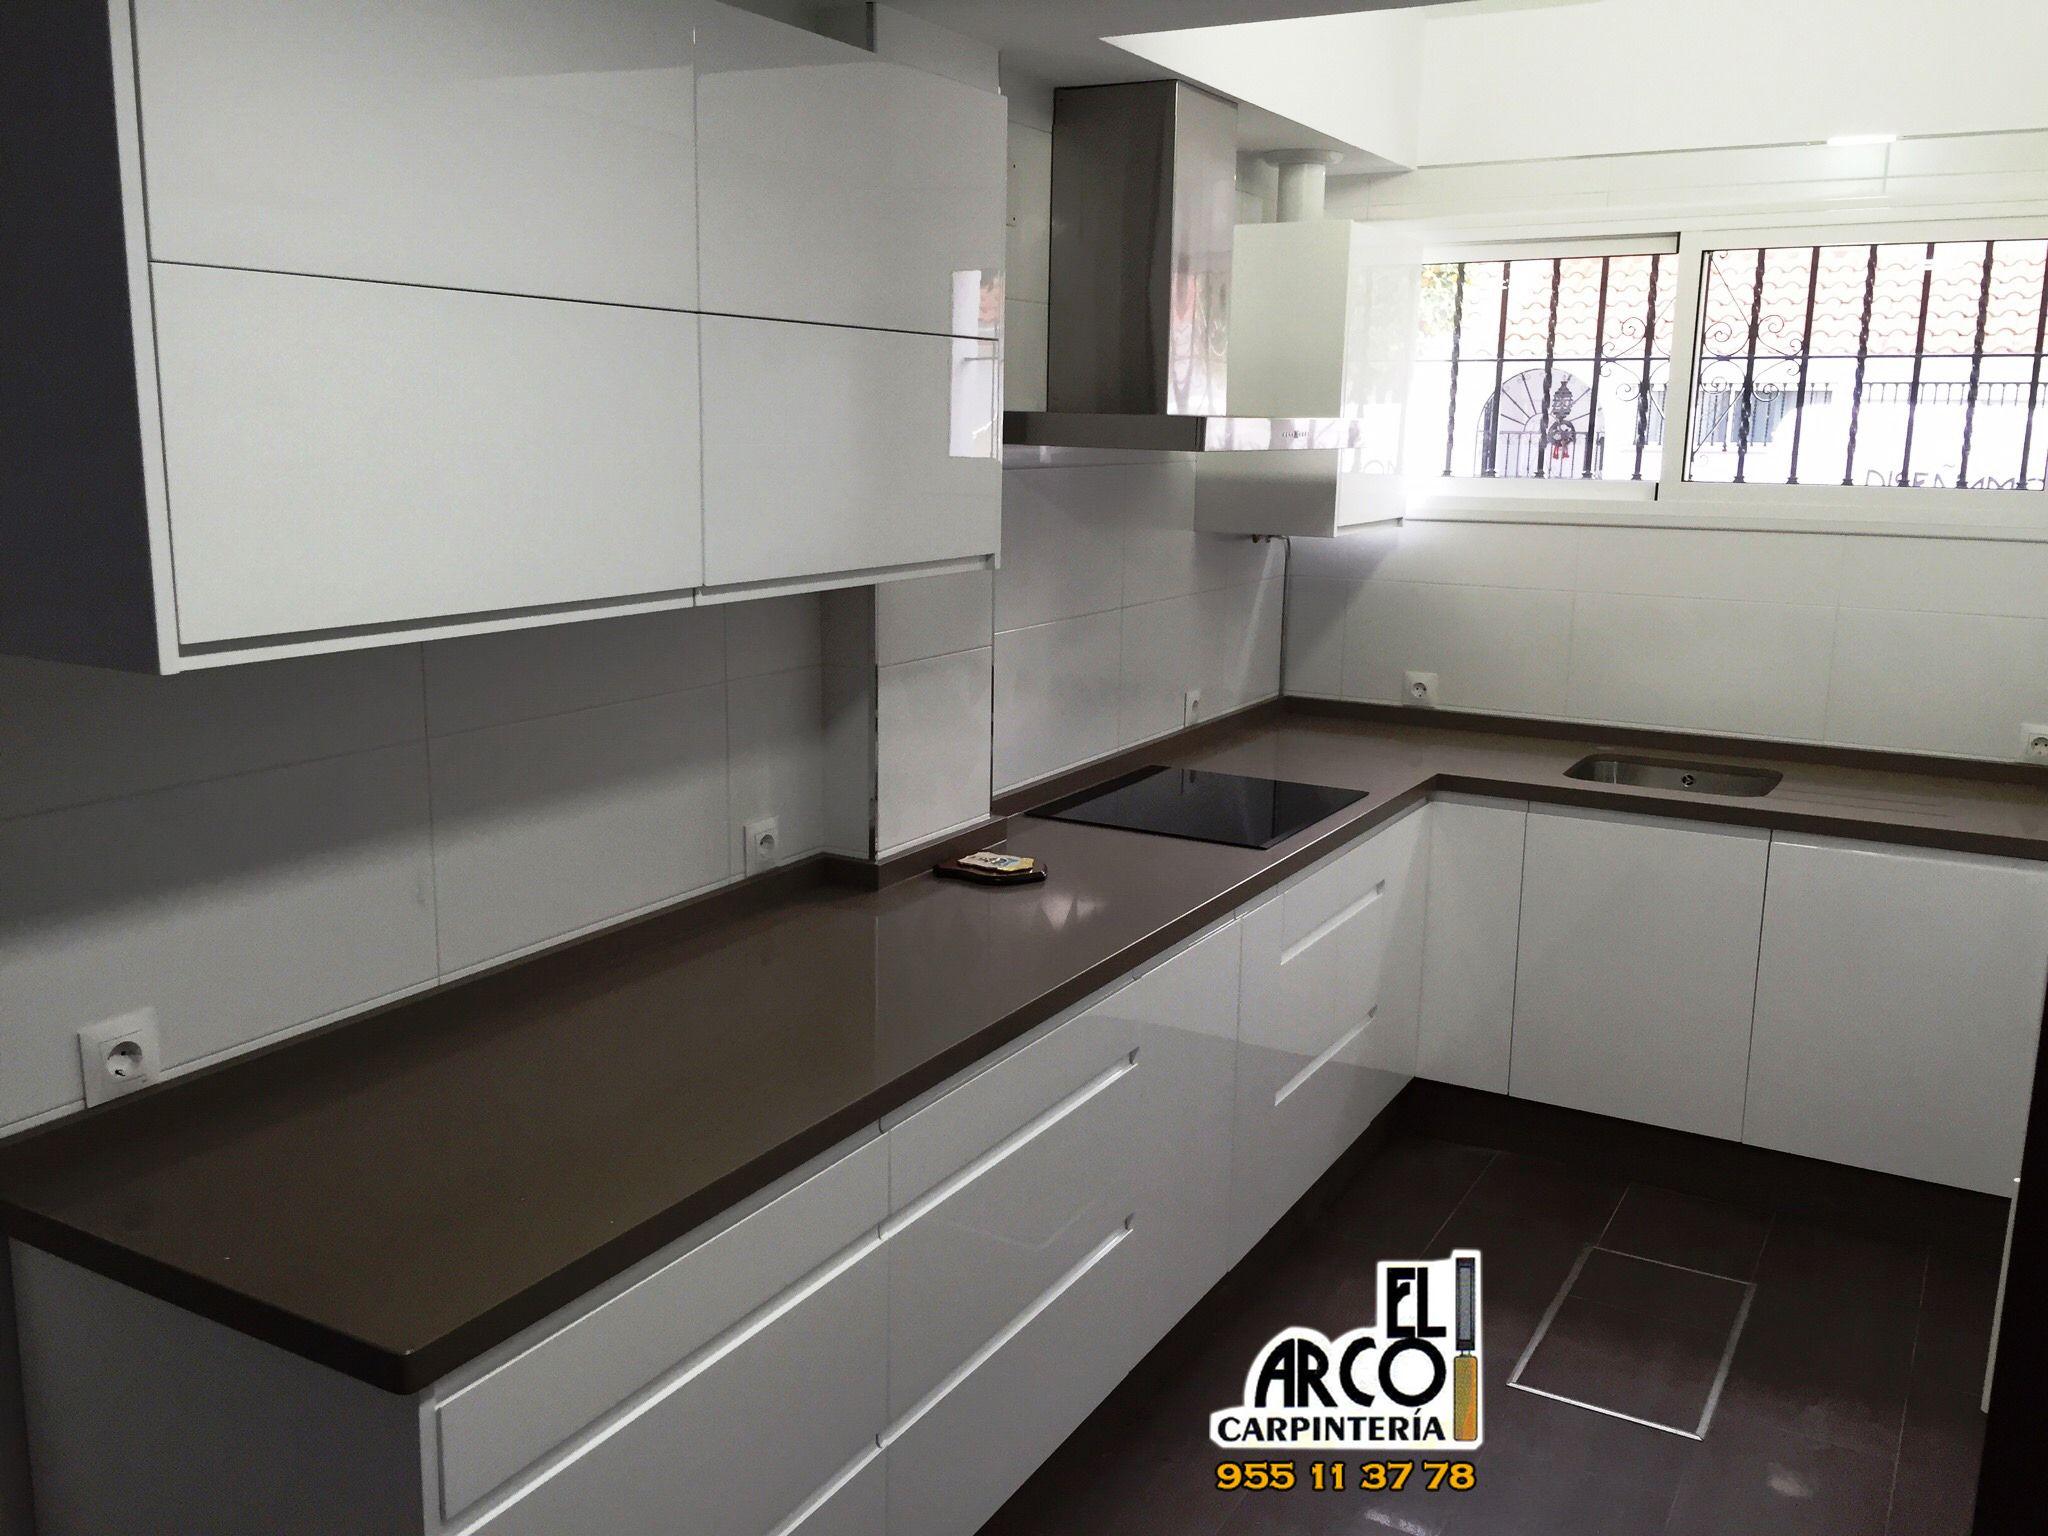 Cocinas blancas con encimera blanca good bonita cocina for Encimera negra brillo